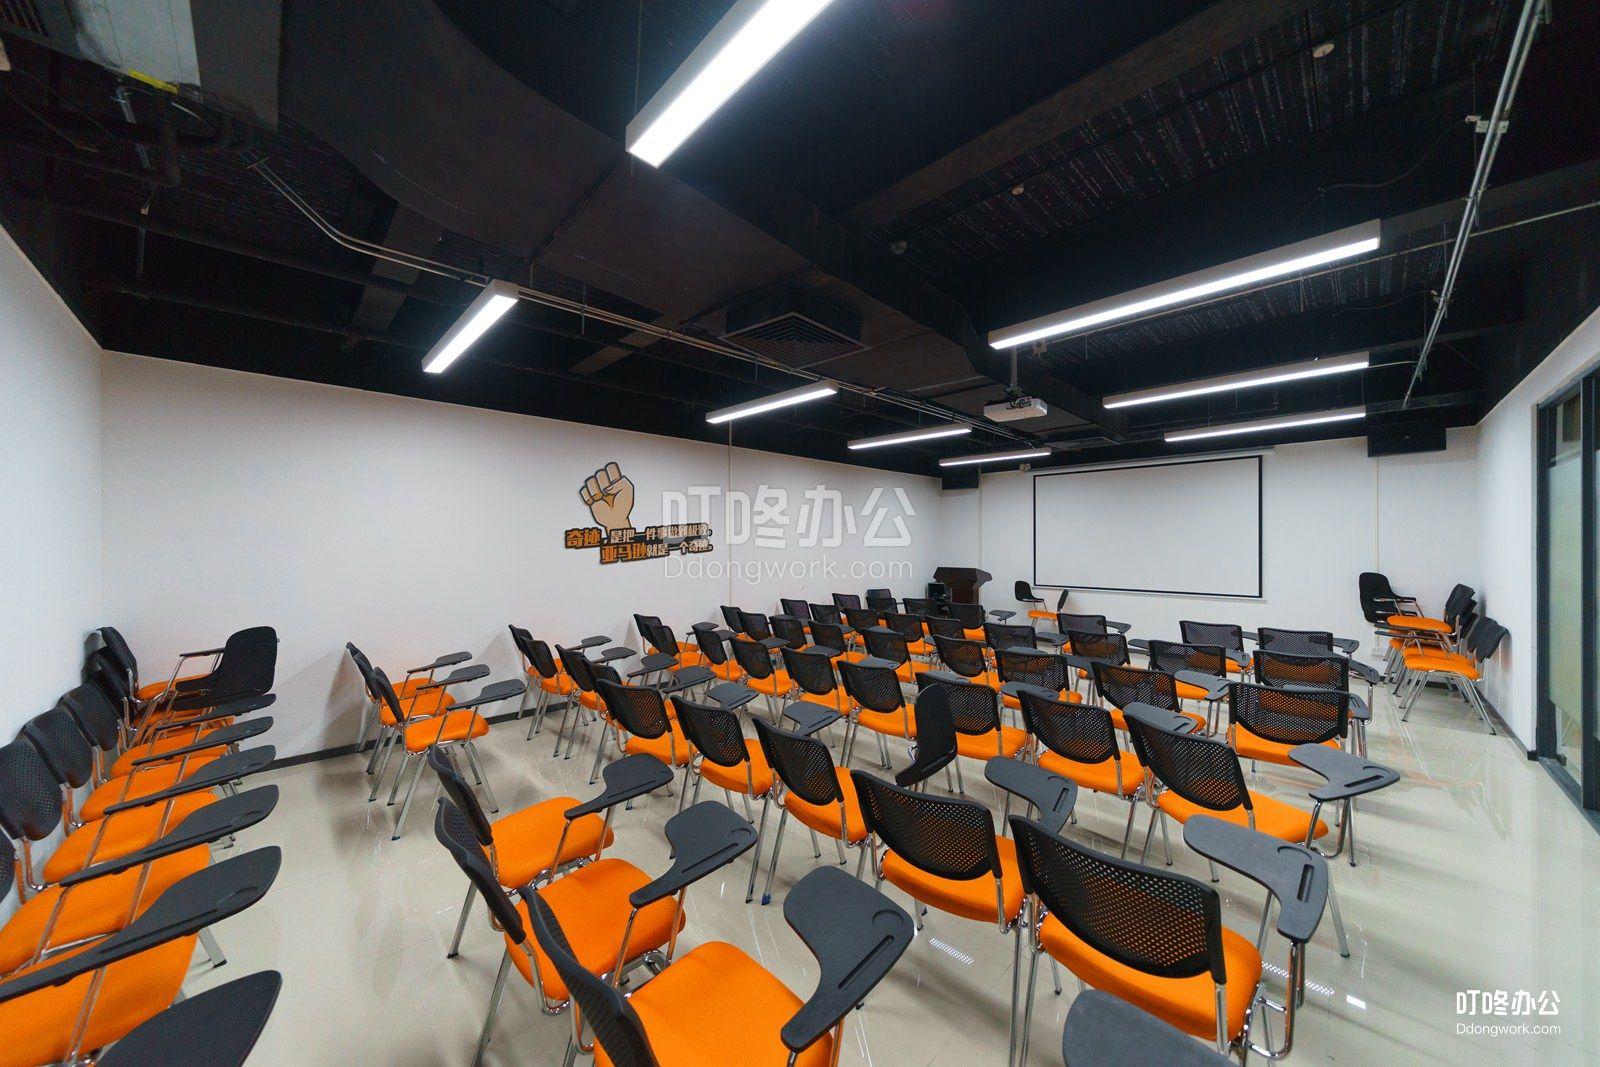 华强北国际创客中心「2.0」走廊